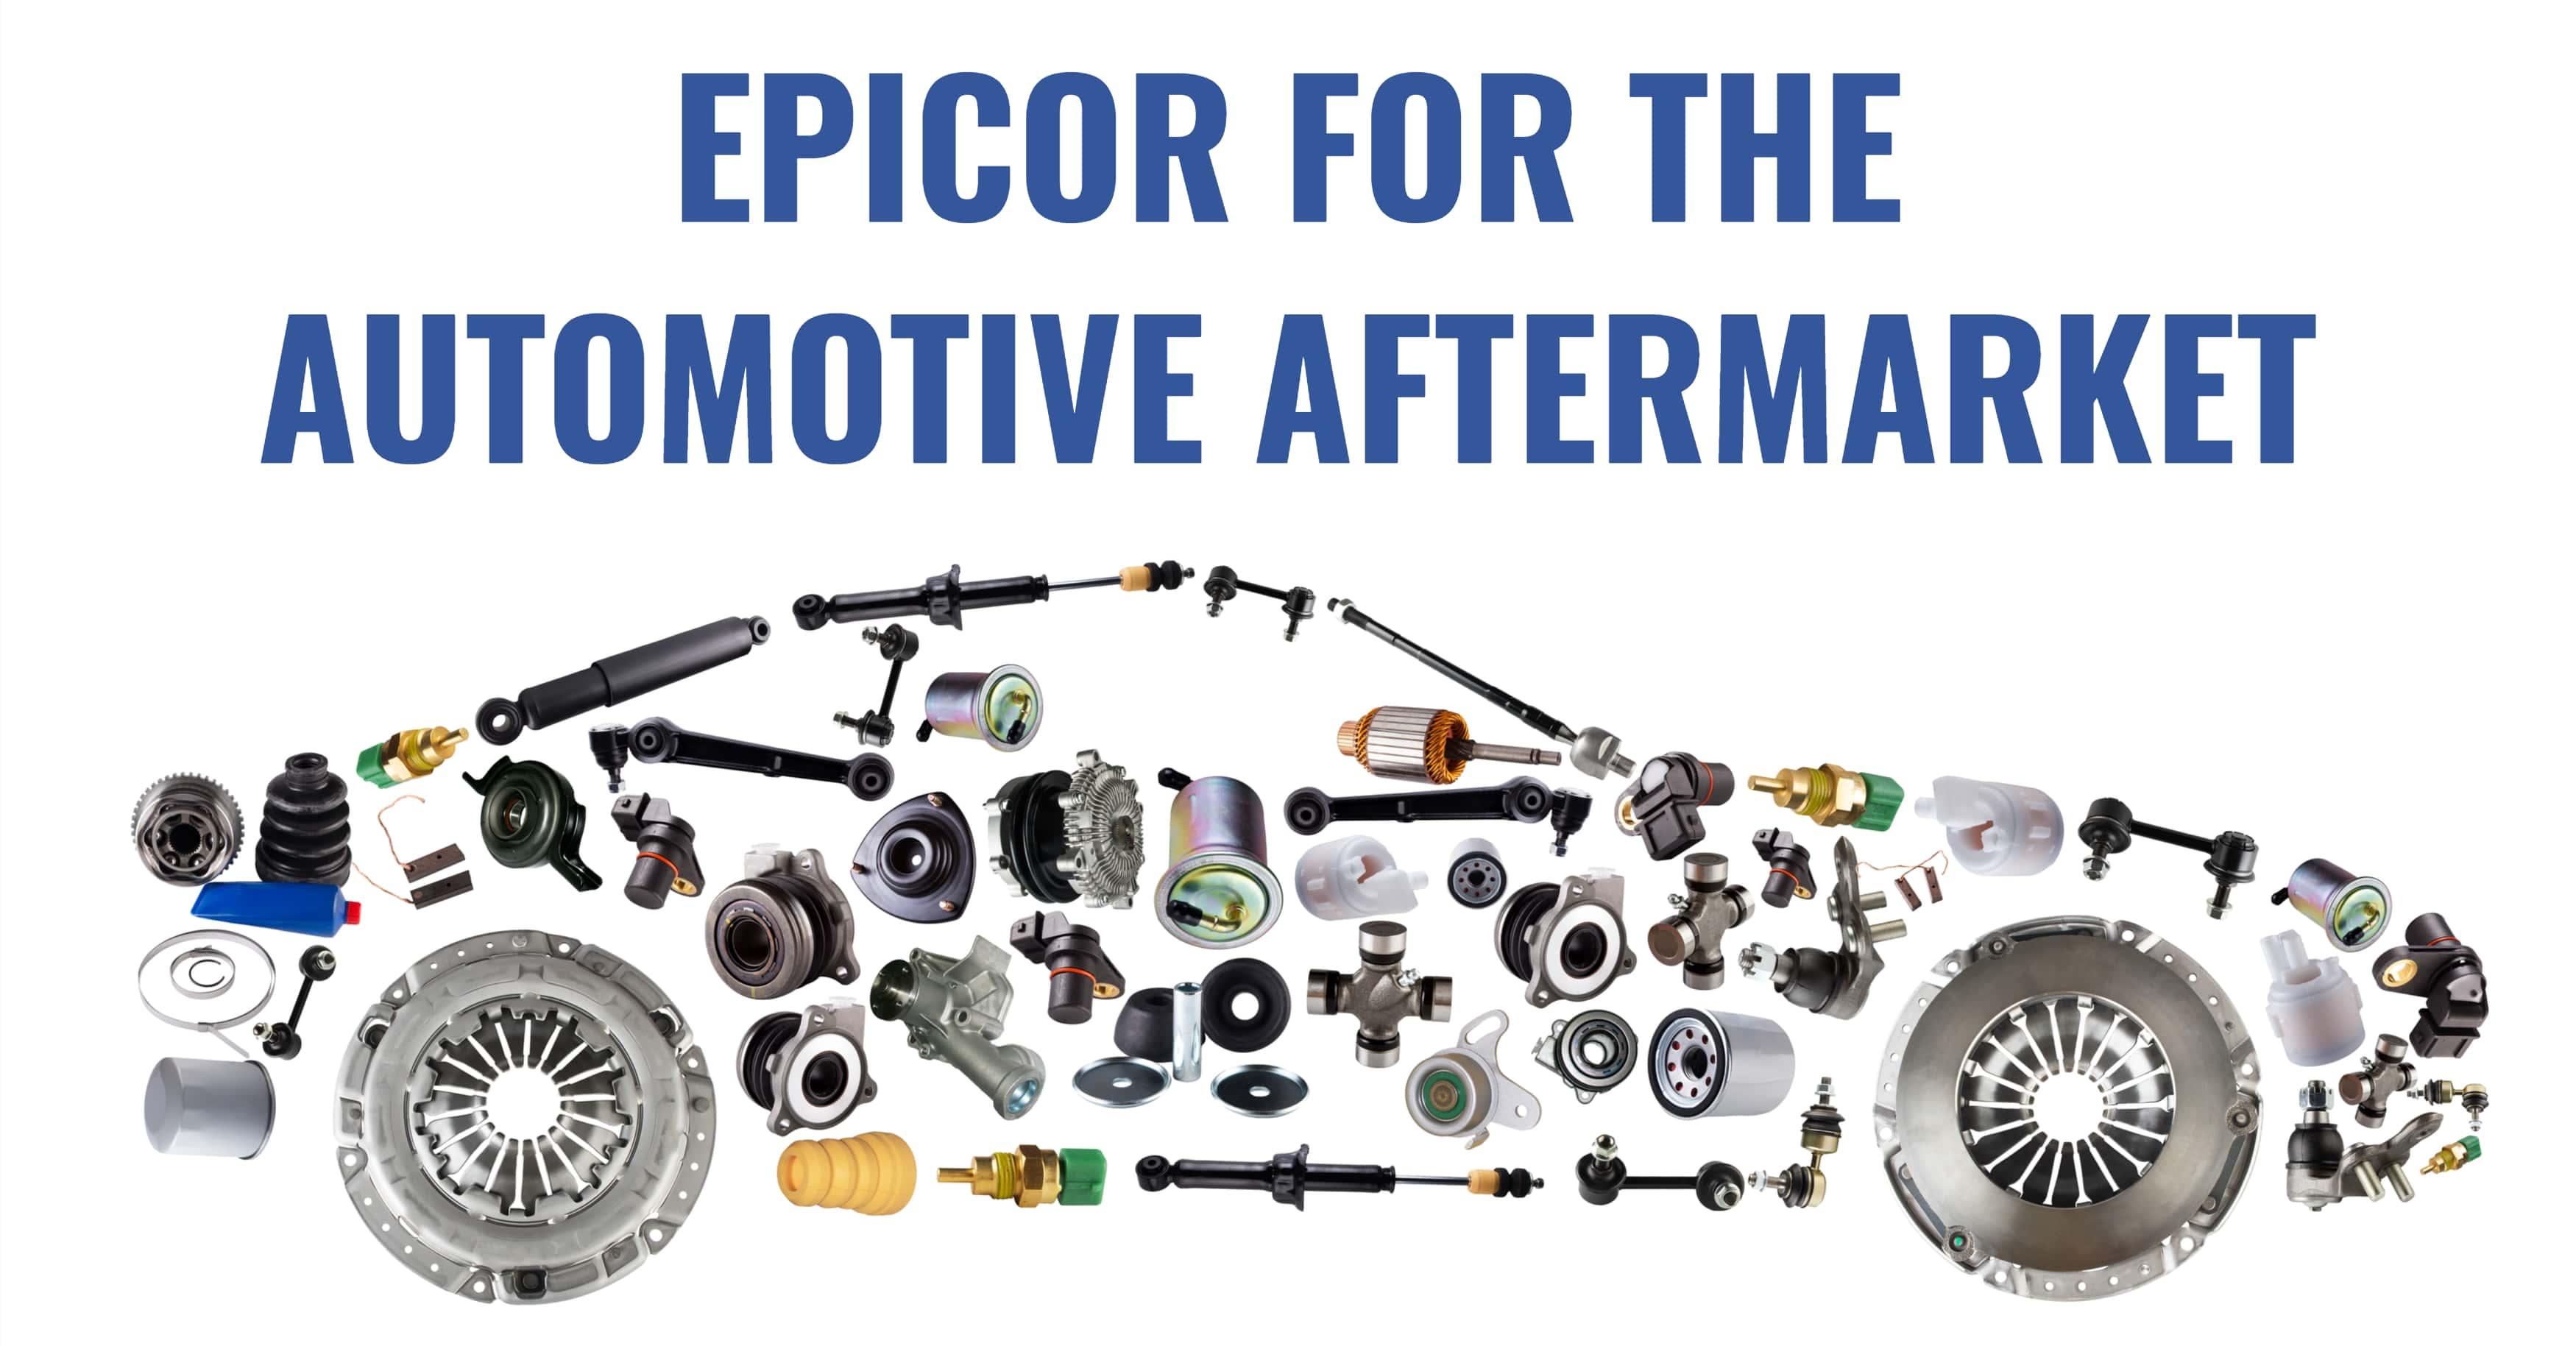 Epicor's Latest Advancements for the Automotive Aftermarket